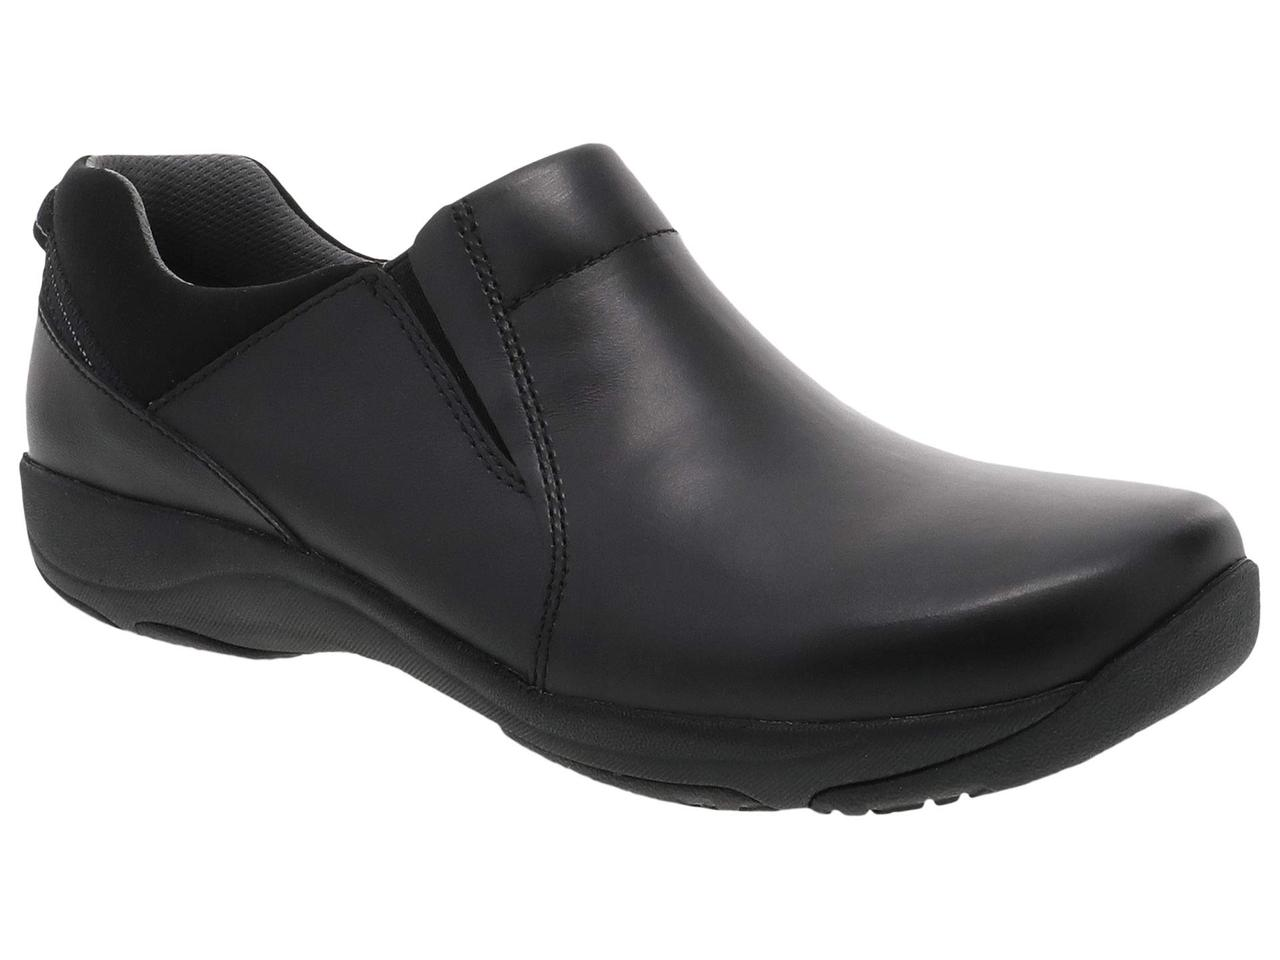 Кроссовки/Кеды (Оригинал) Dansko Neci Black Leather